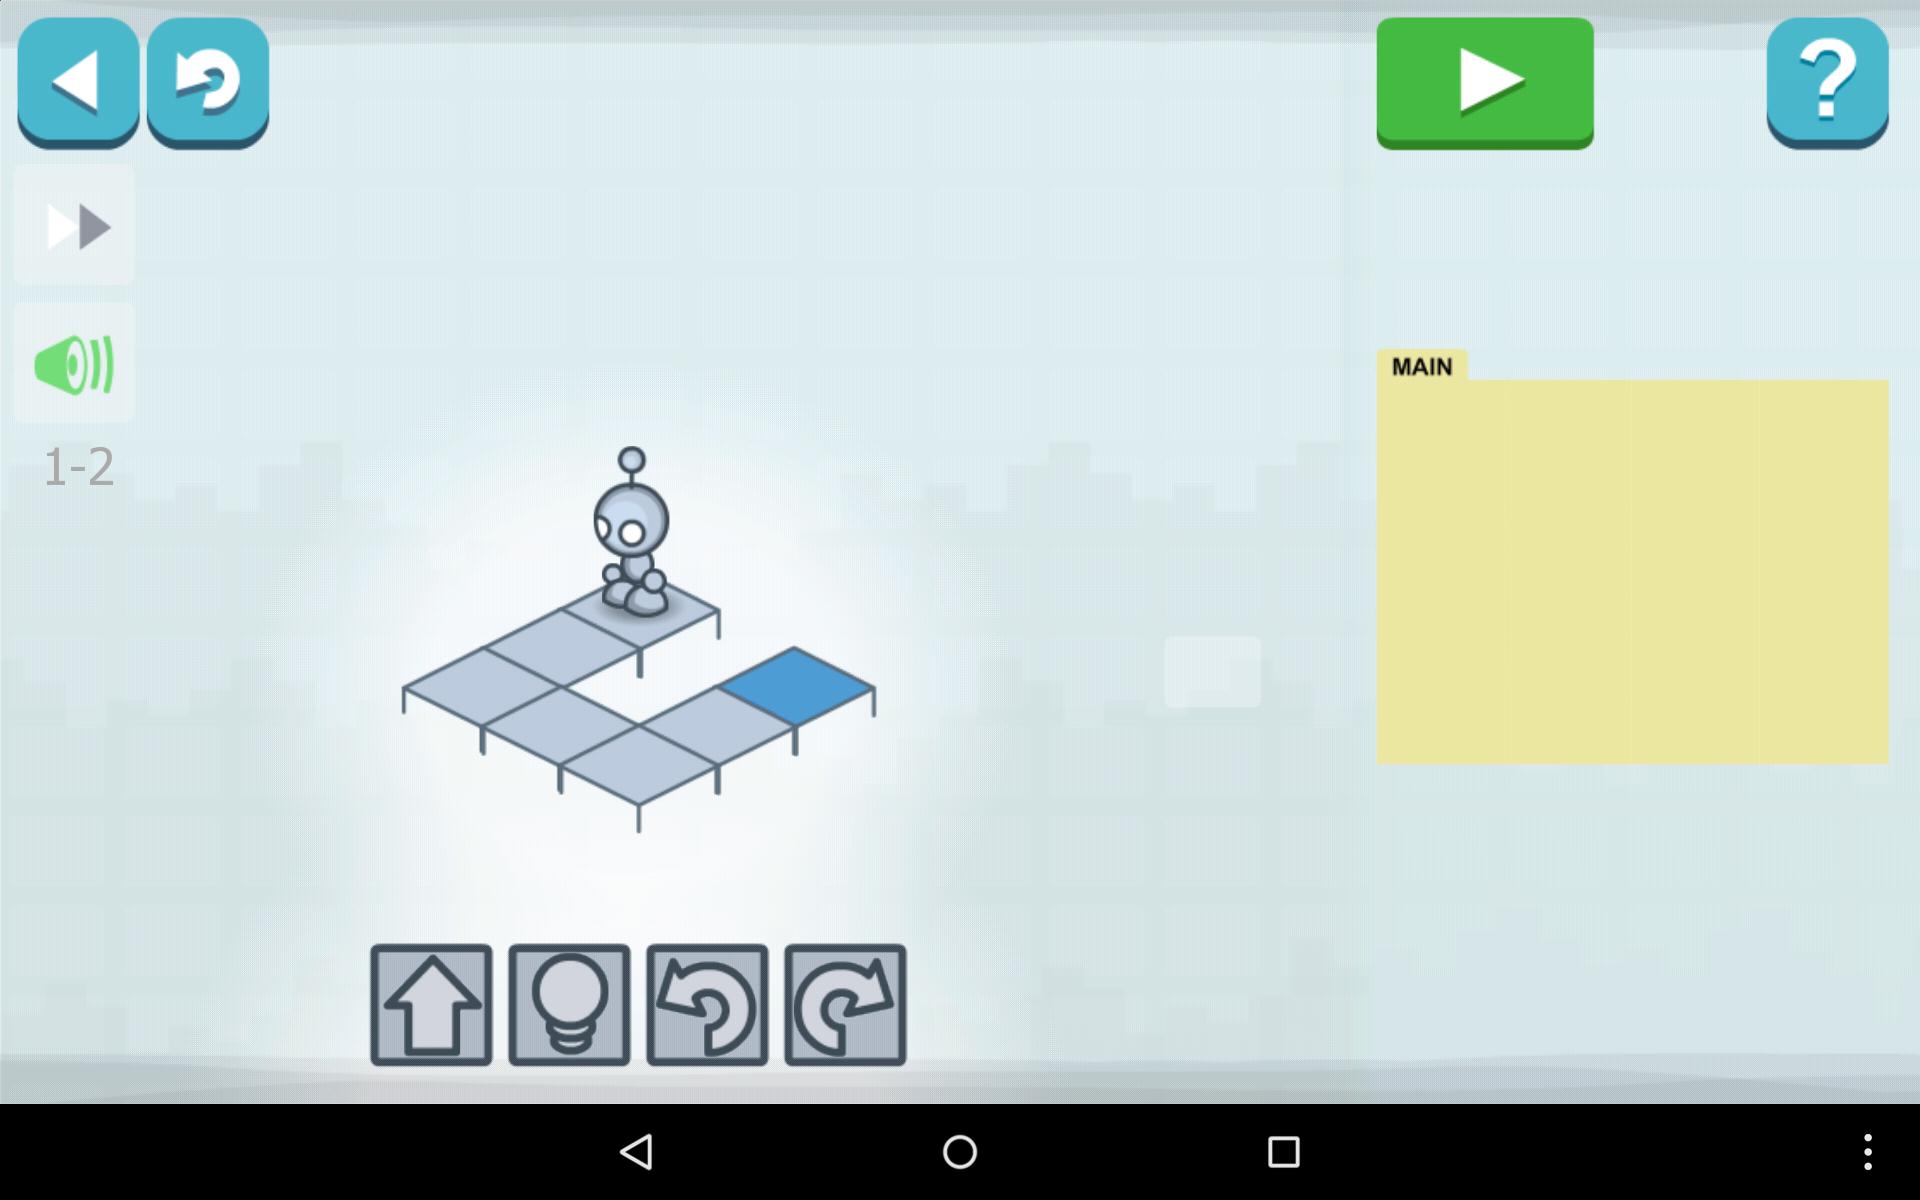 lightbot un jeu tr s sympa pour android ios windows et mac pour s initier la programmation. Black Bedroom Furniture Sets. Home Design Ideas